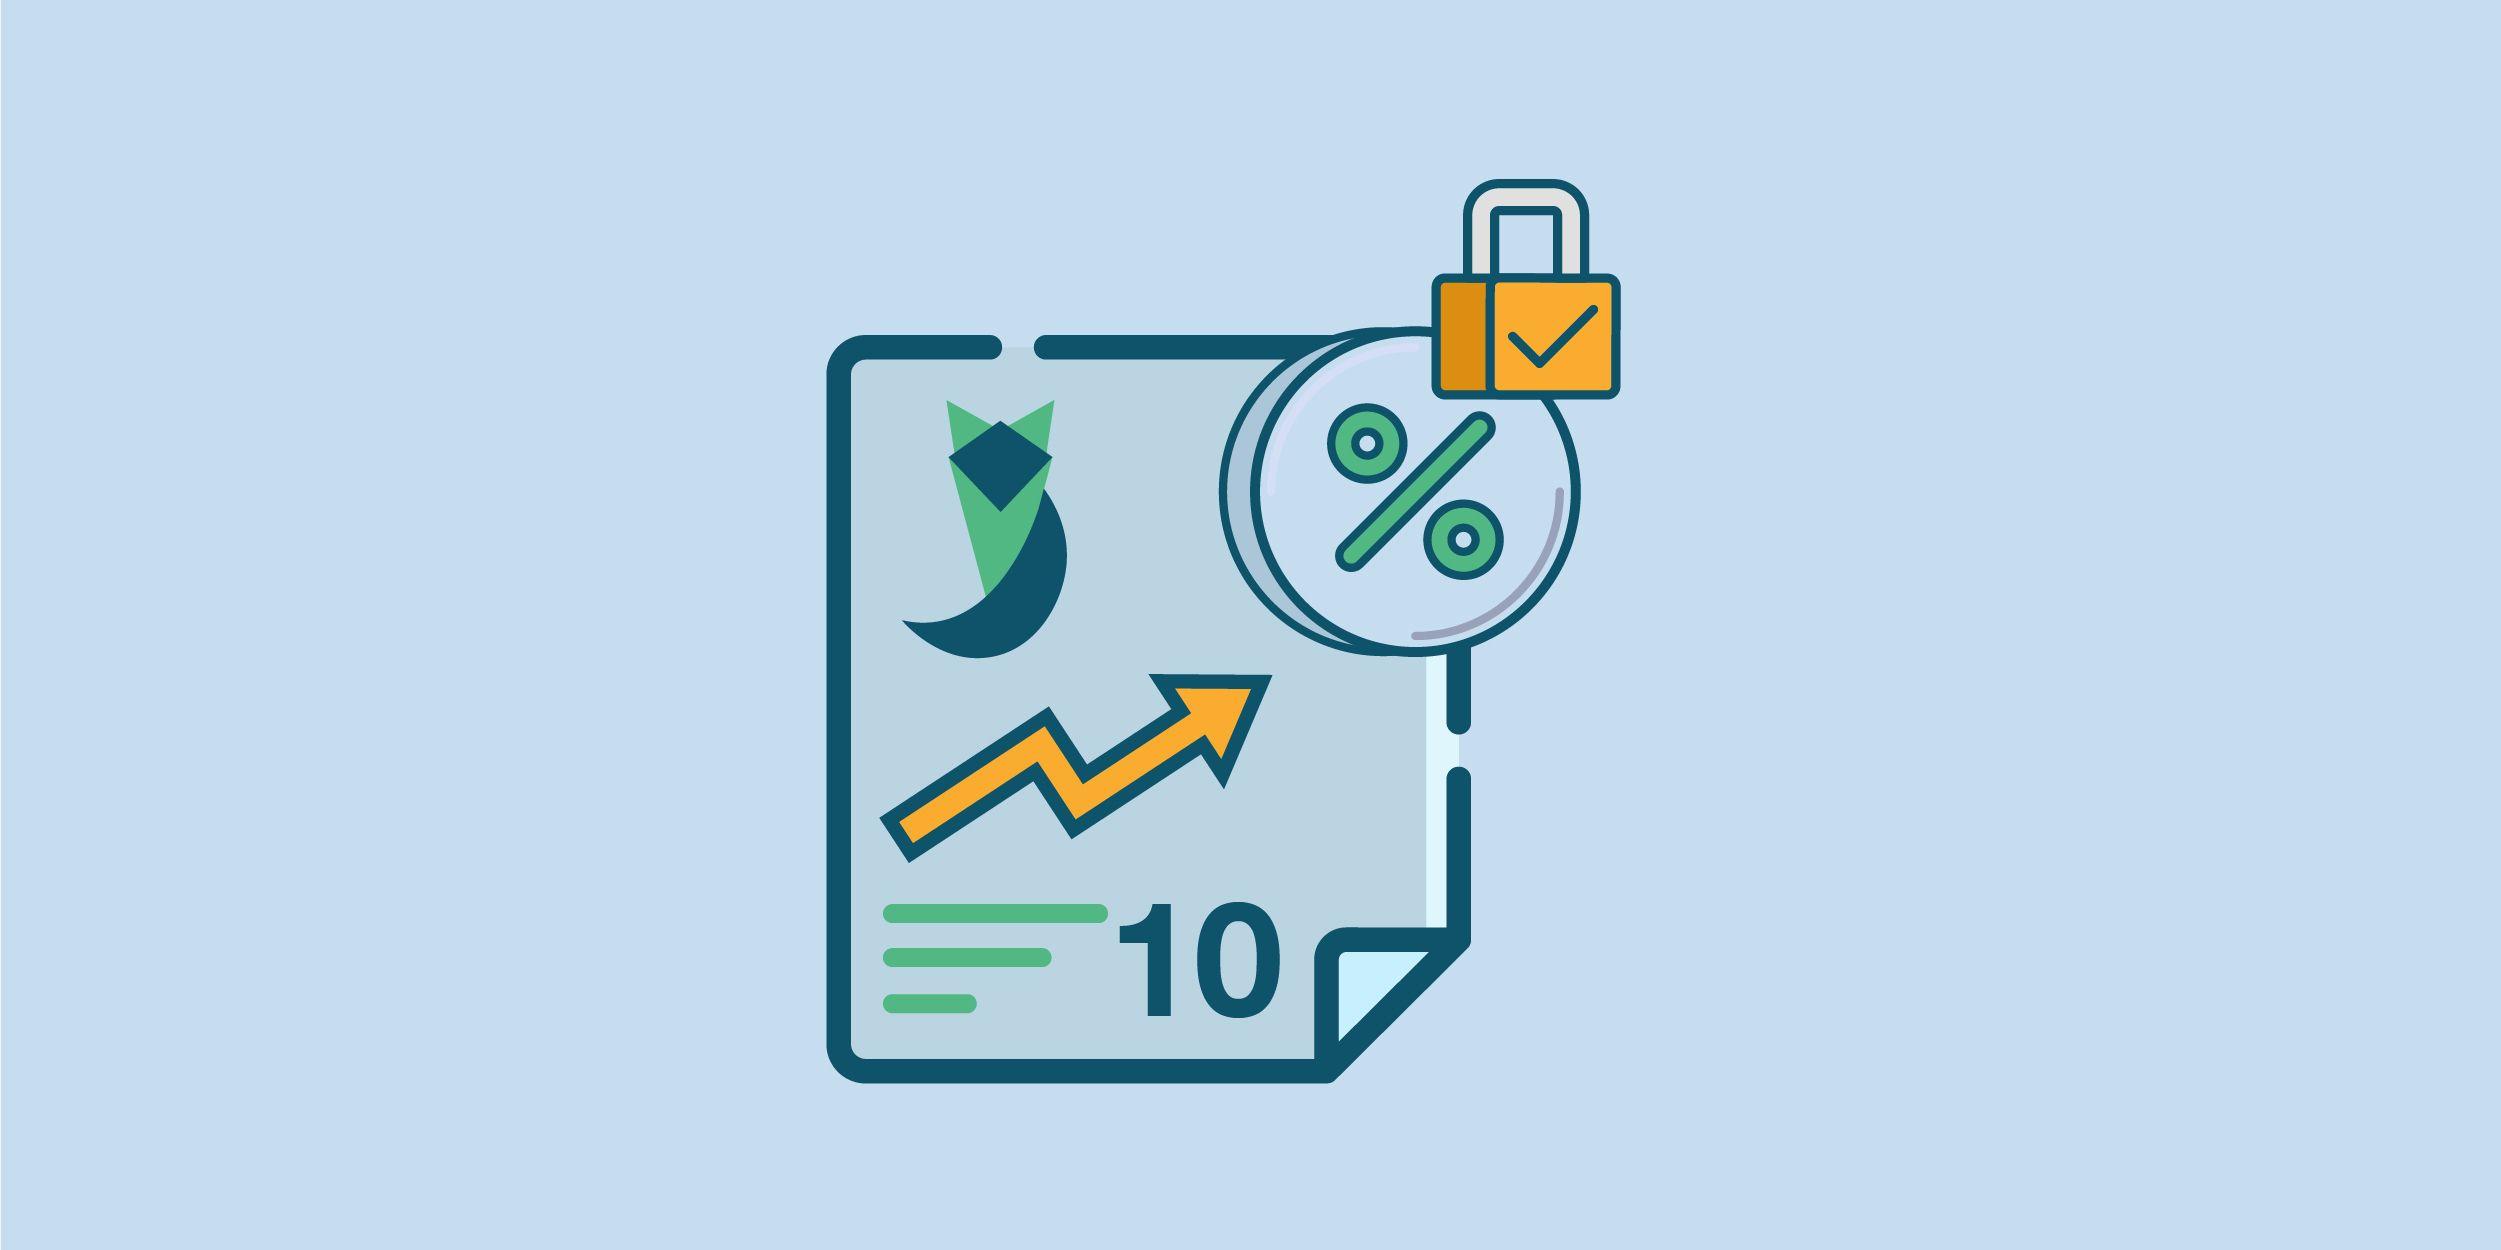 أعلى 10 شهادات استثمار بعائد ثابت لمدة 5 سنين في سبتمبر 2021